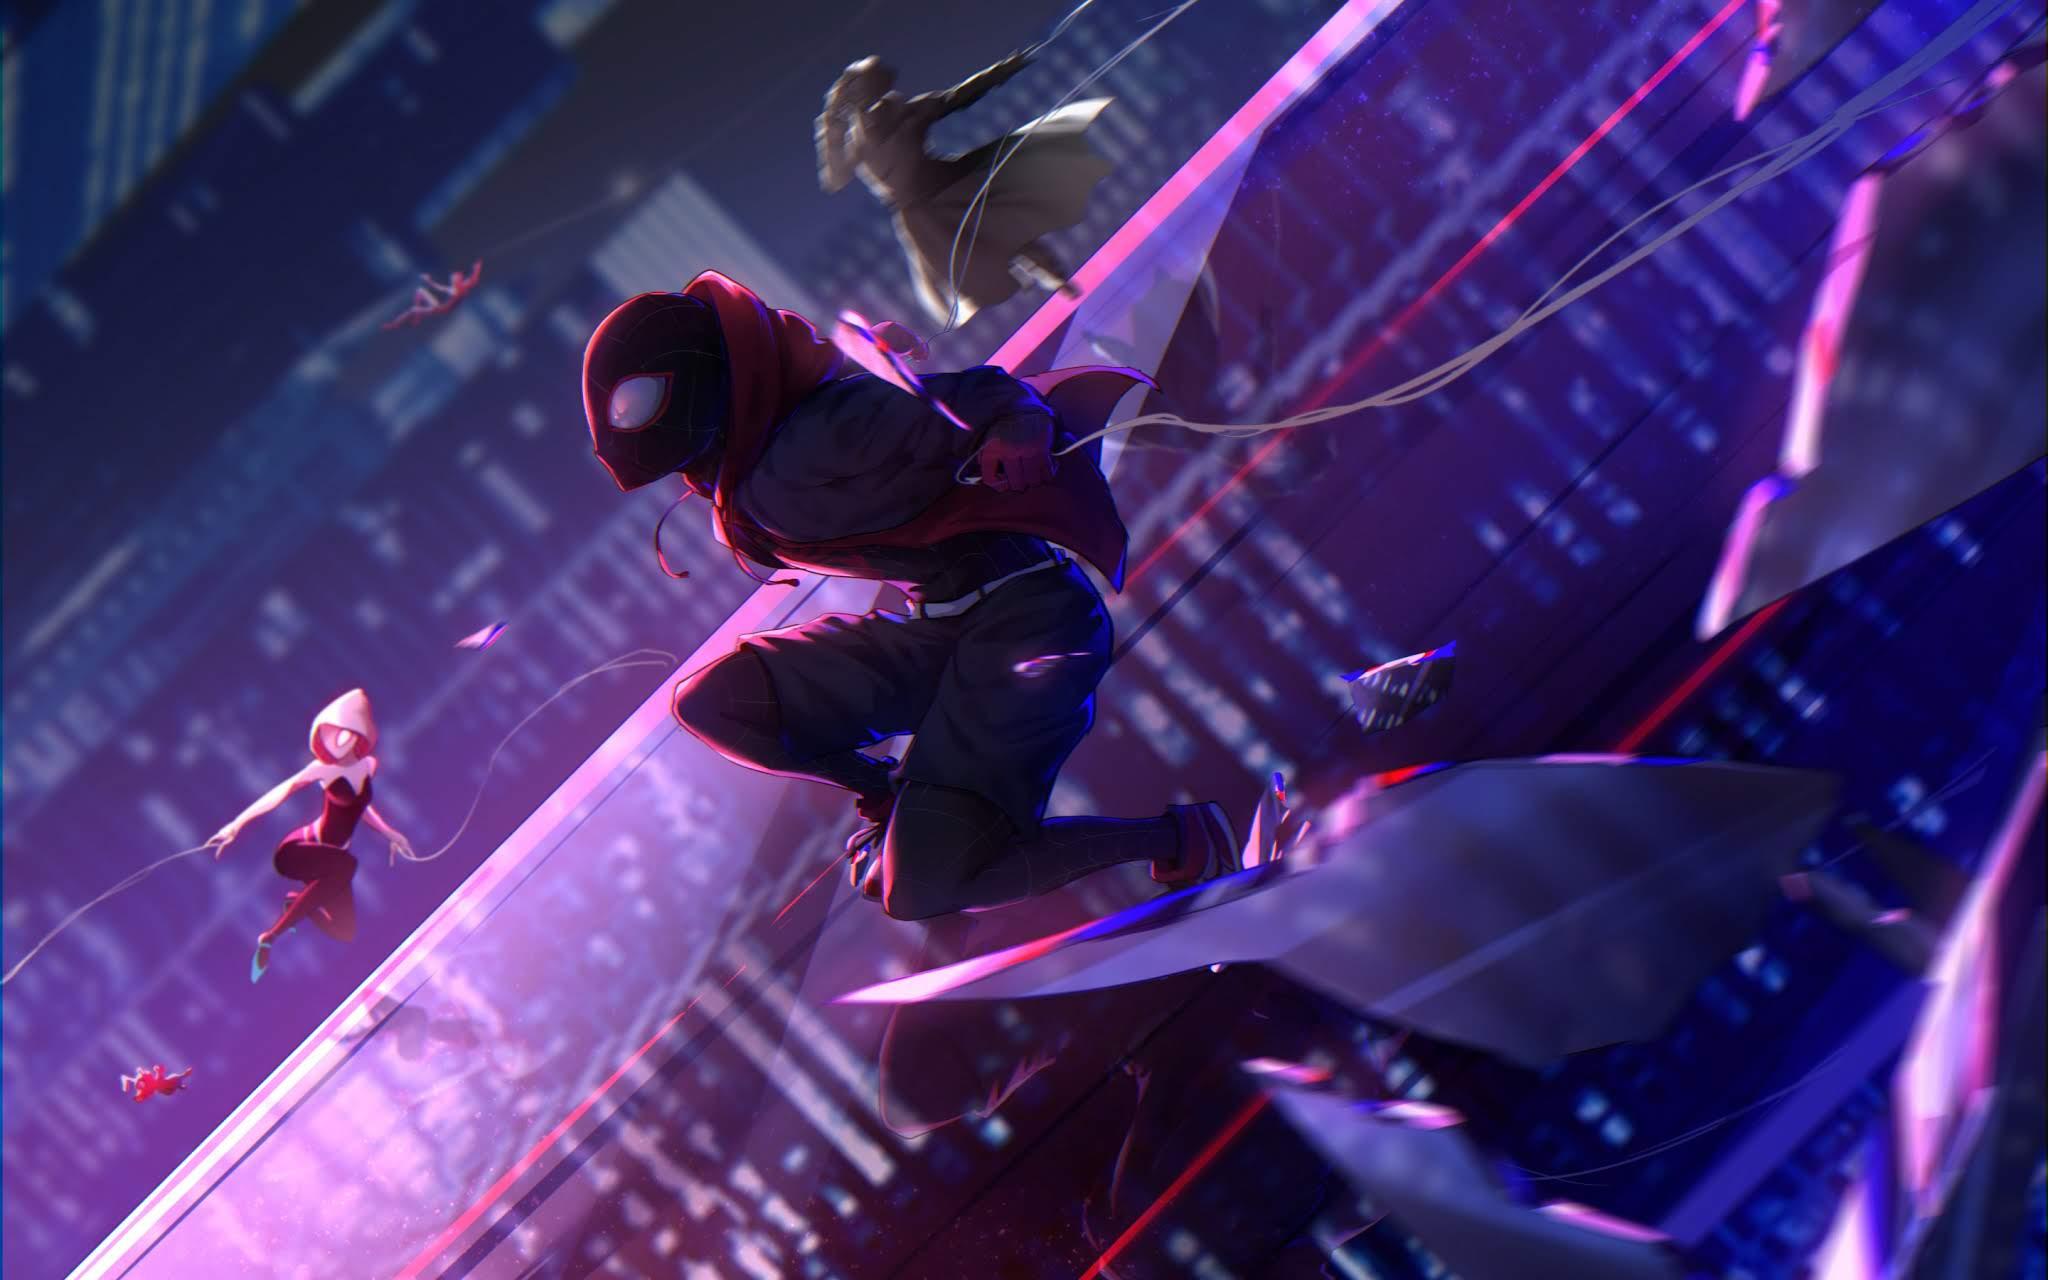 Wallpaper Homem-Aranha: No Aranhaverso